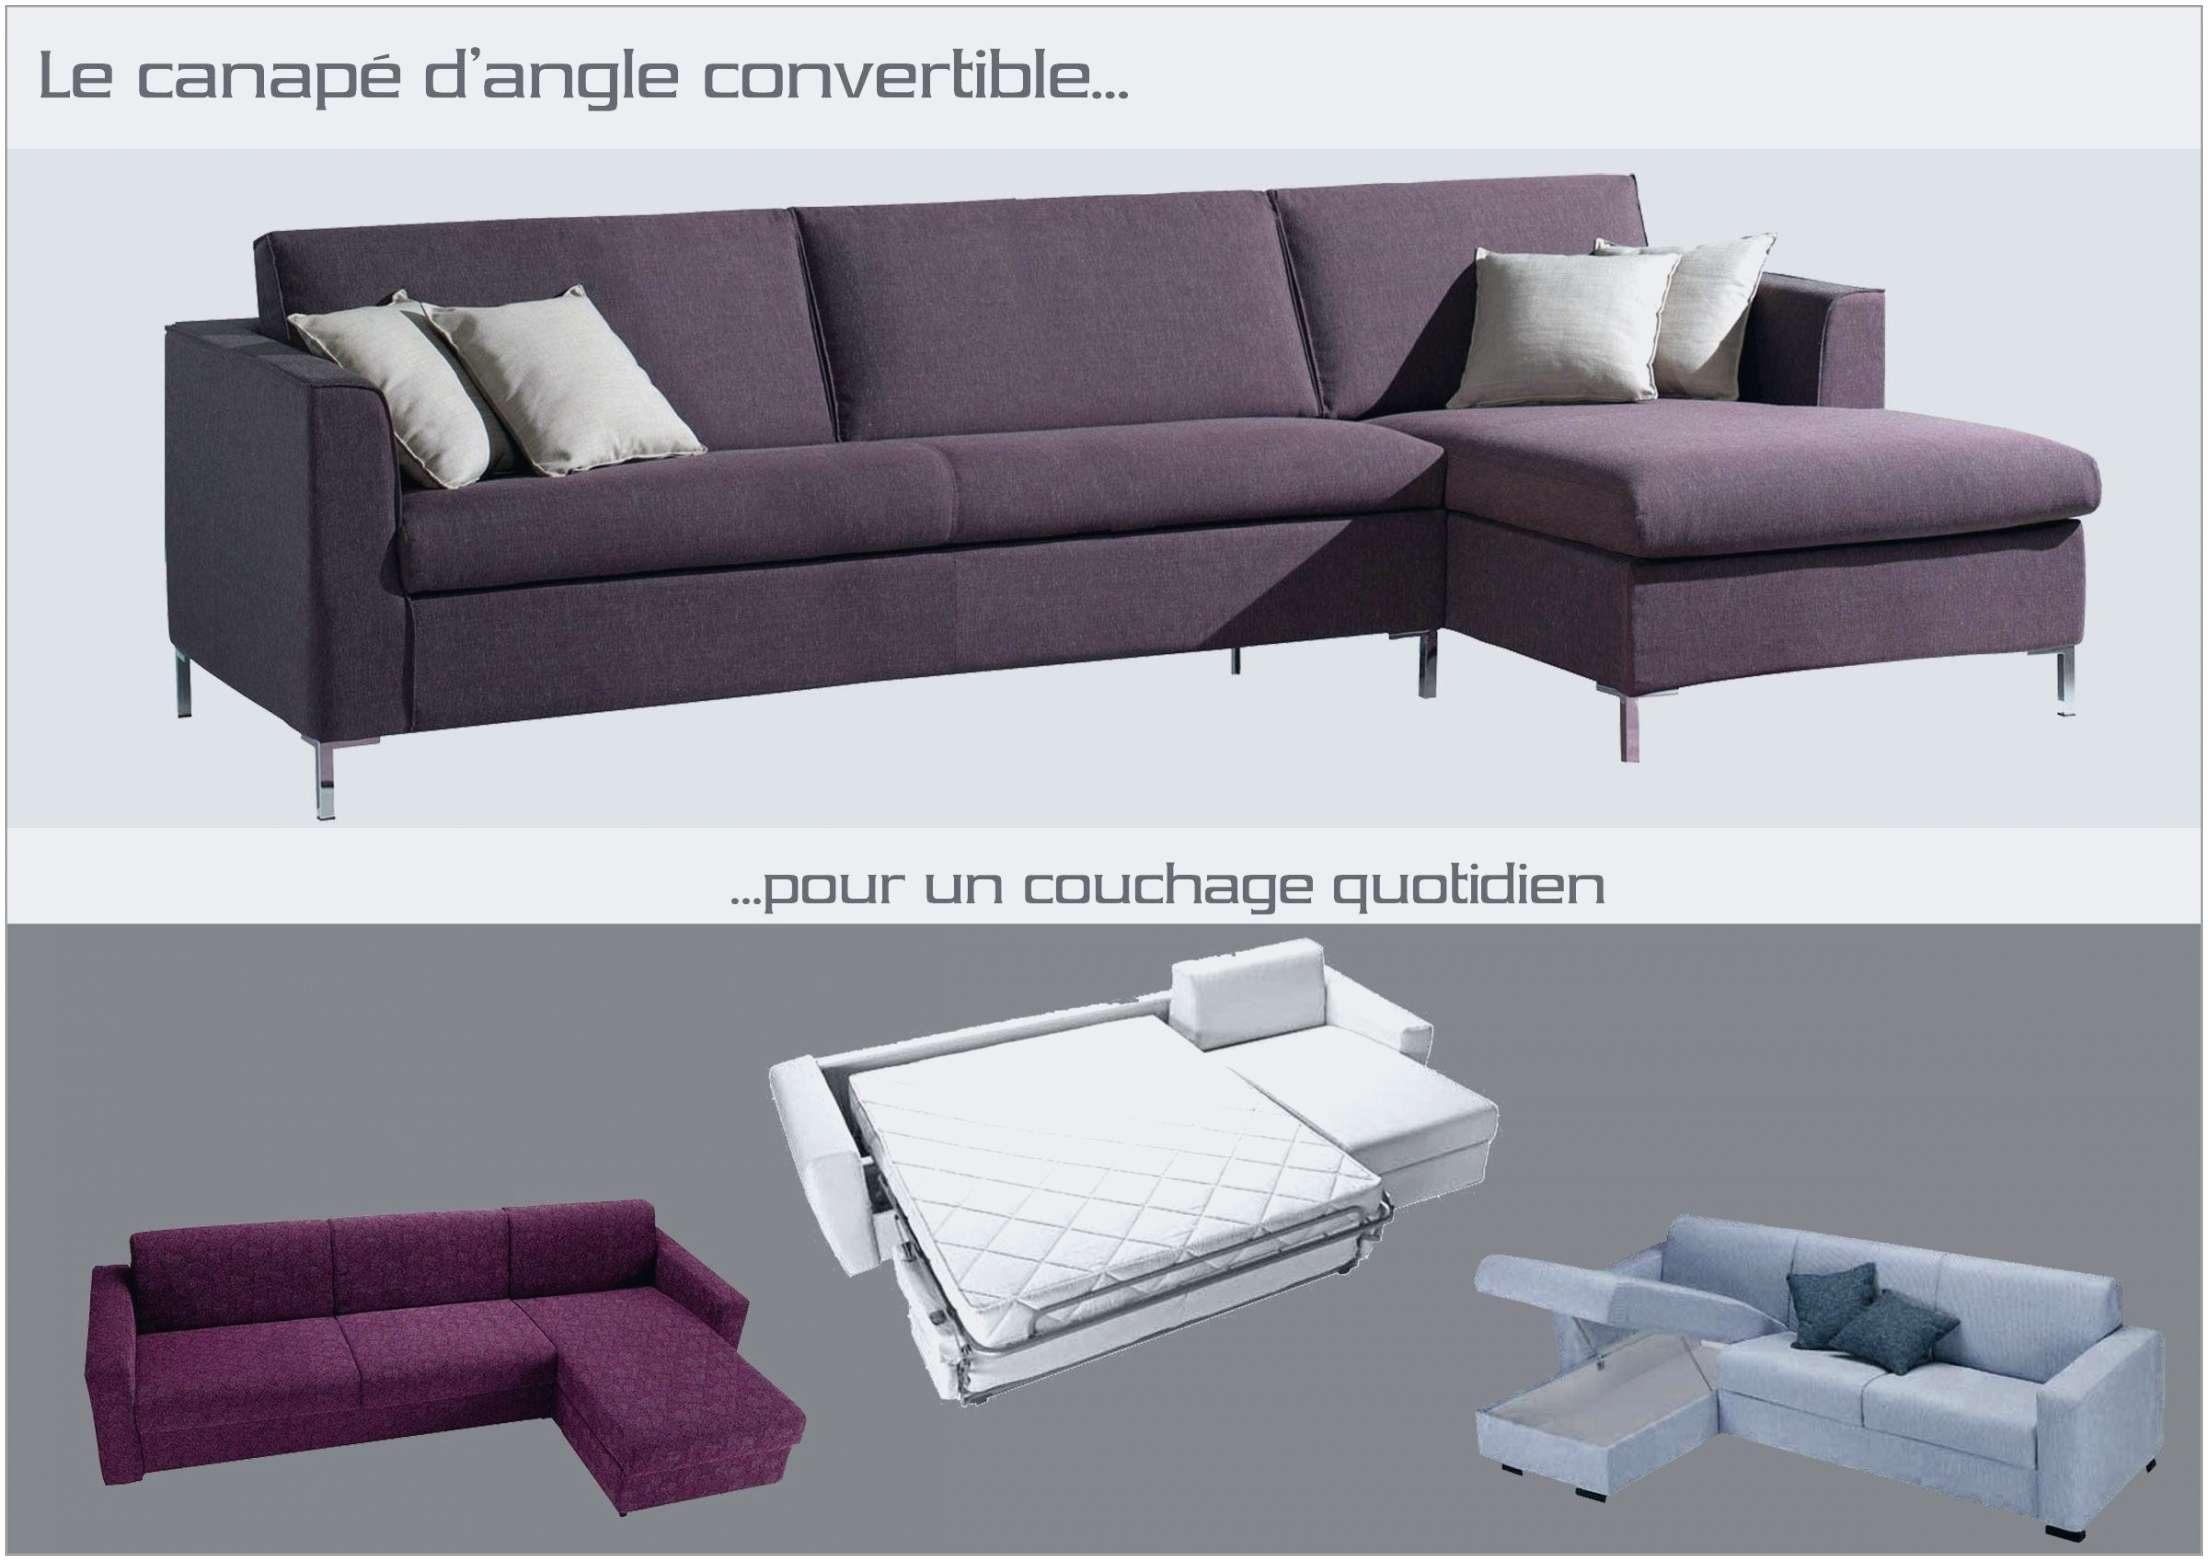 Canapé Lit Convertible Couchage Quotidien Magnifique Beau Canapé D Angle — Puredebrideur Pour Option Canapé Angle Ikea